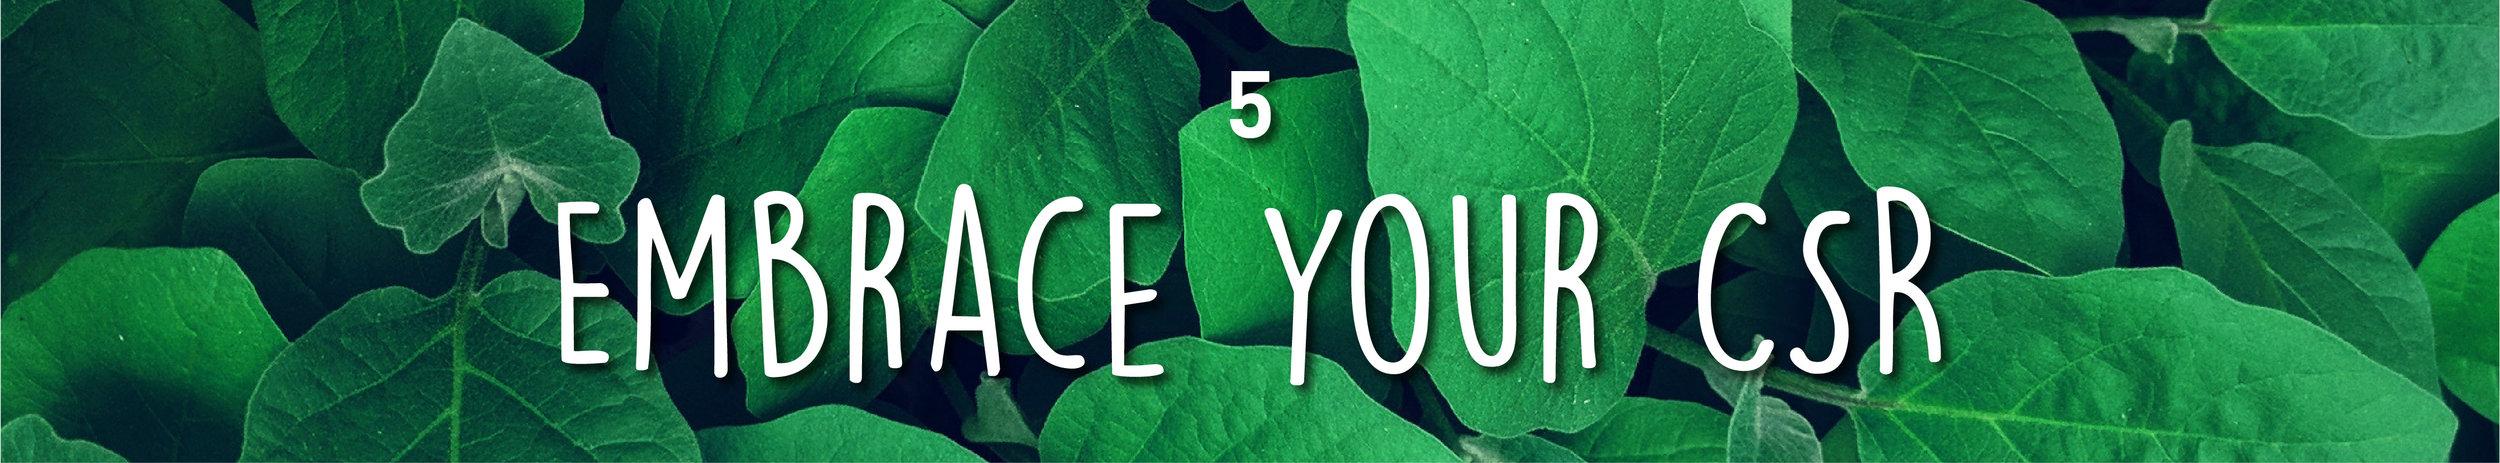 Week34-SustainableMarketing_InBlog_1 copy 17.jpg